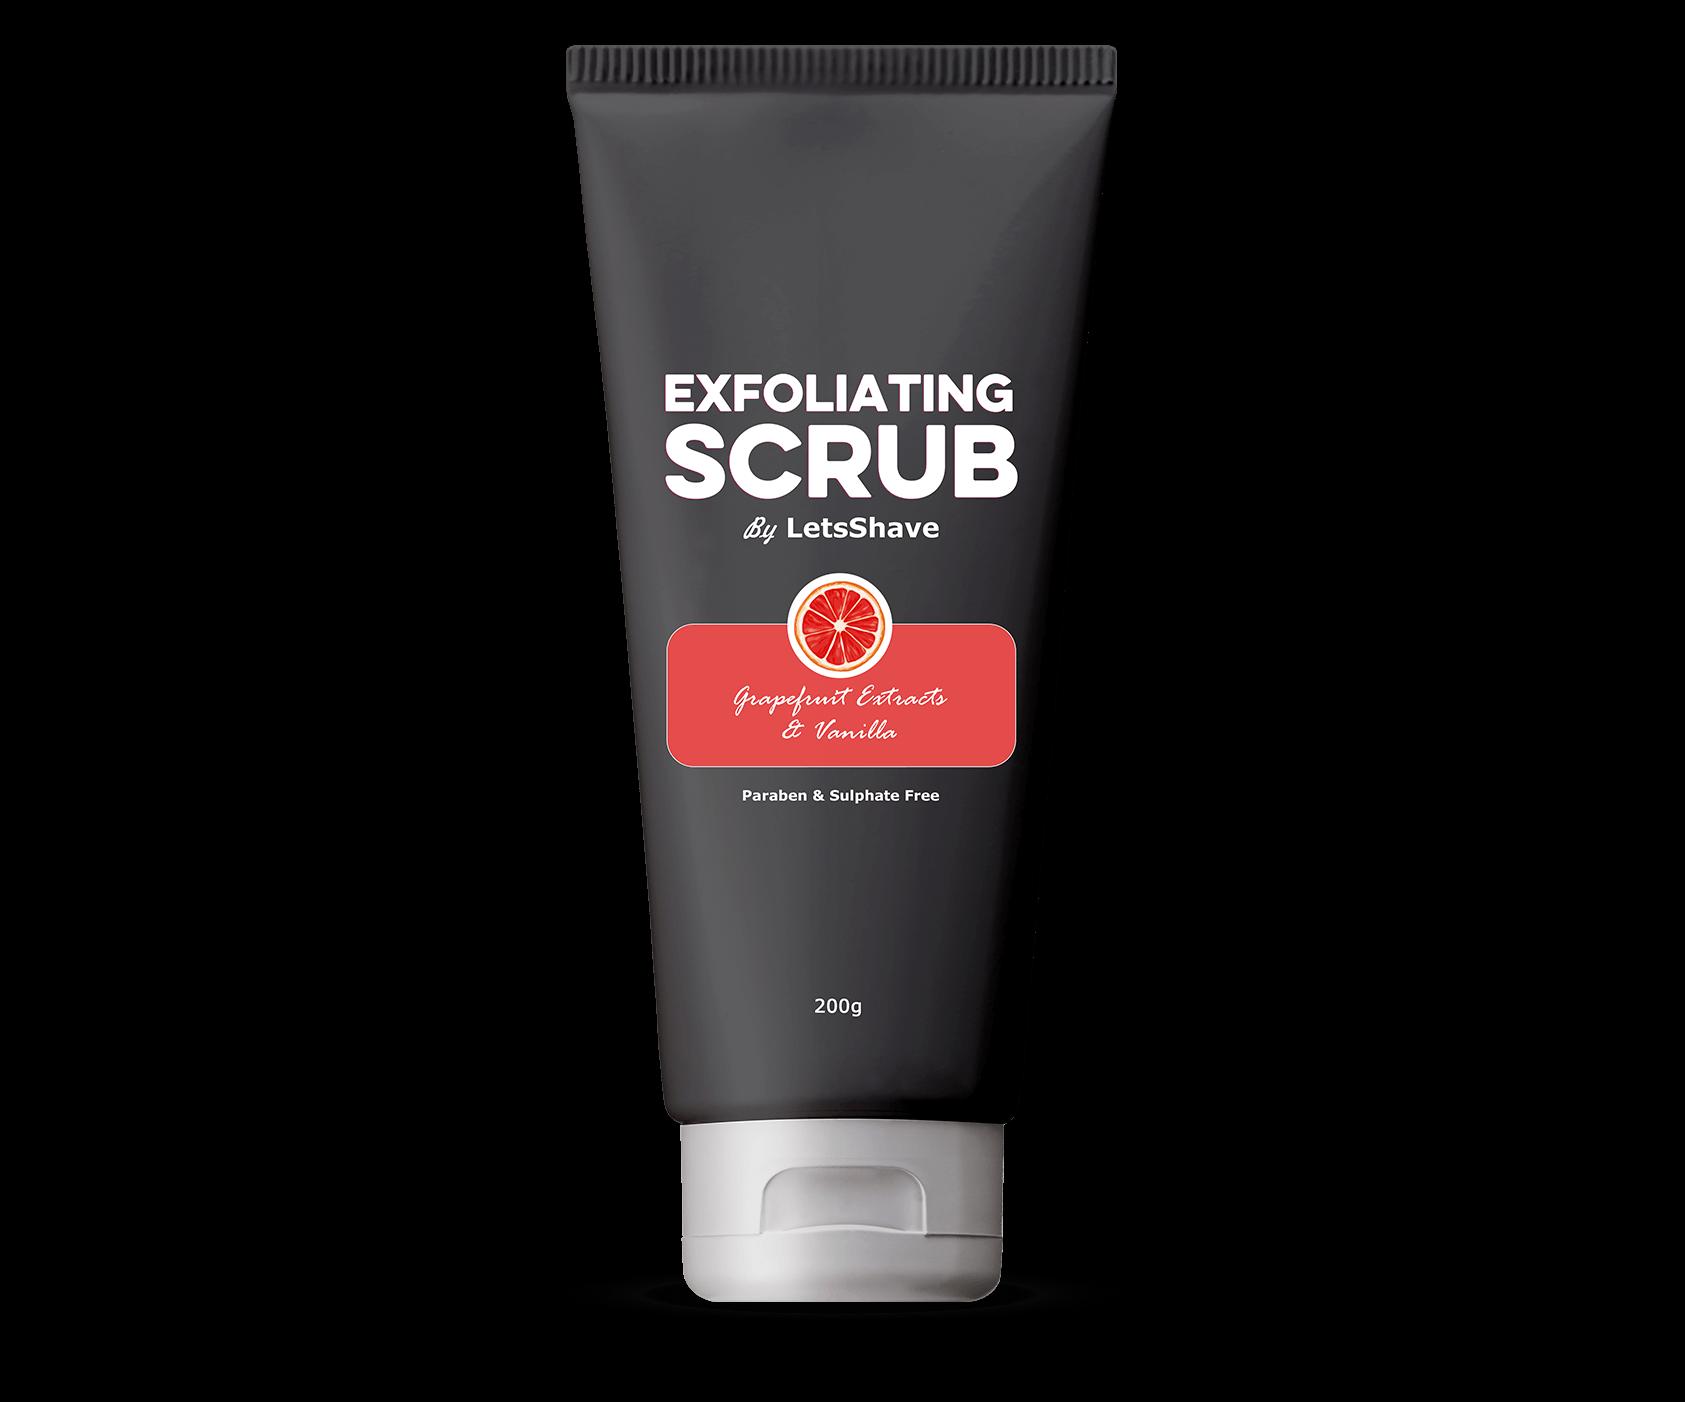 Letsshave Grapefruit Body Scrub Exfoliating Scrub For